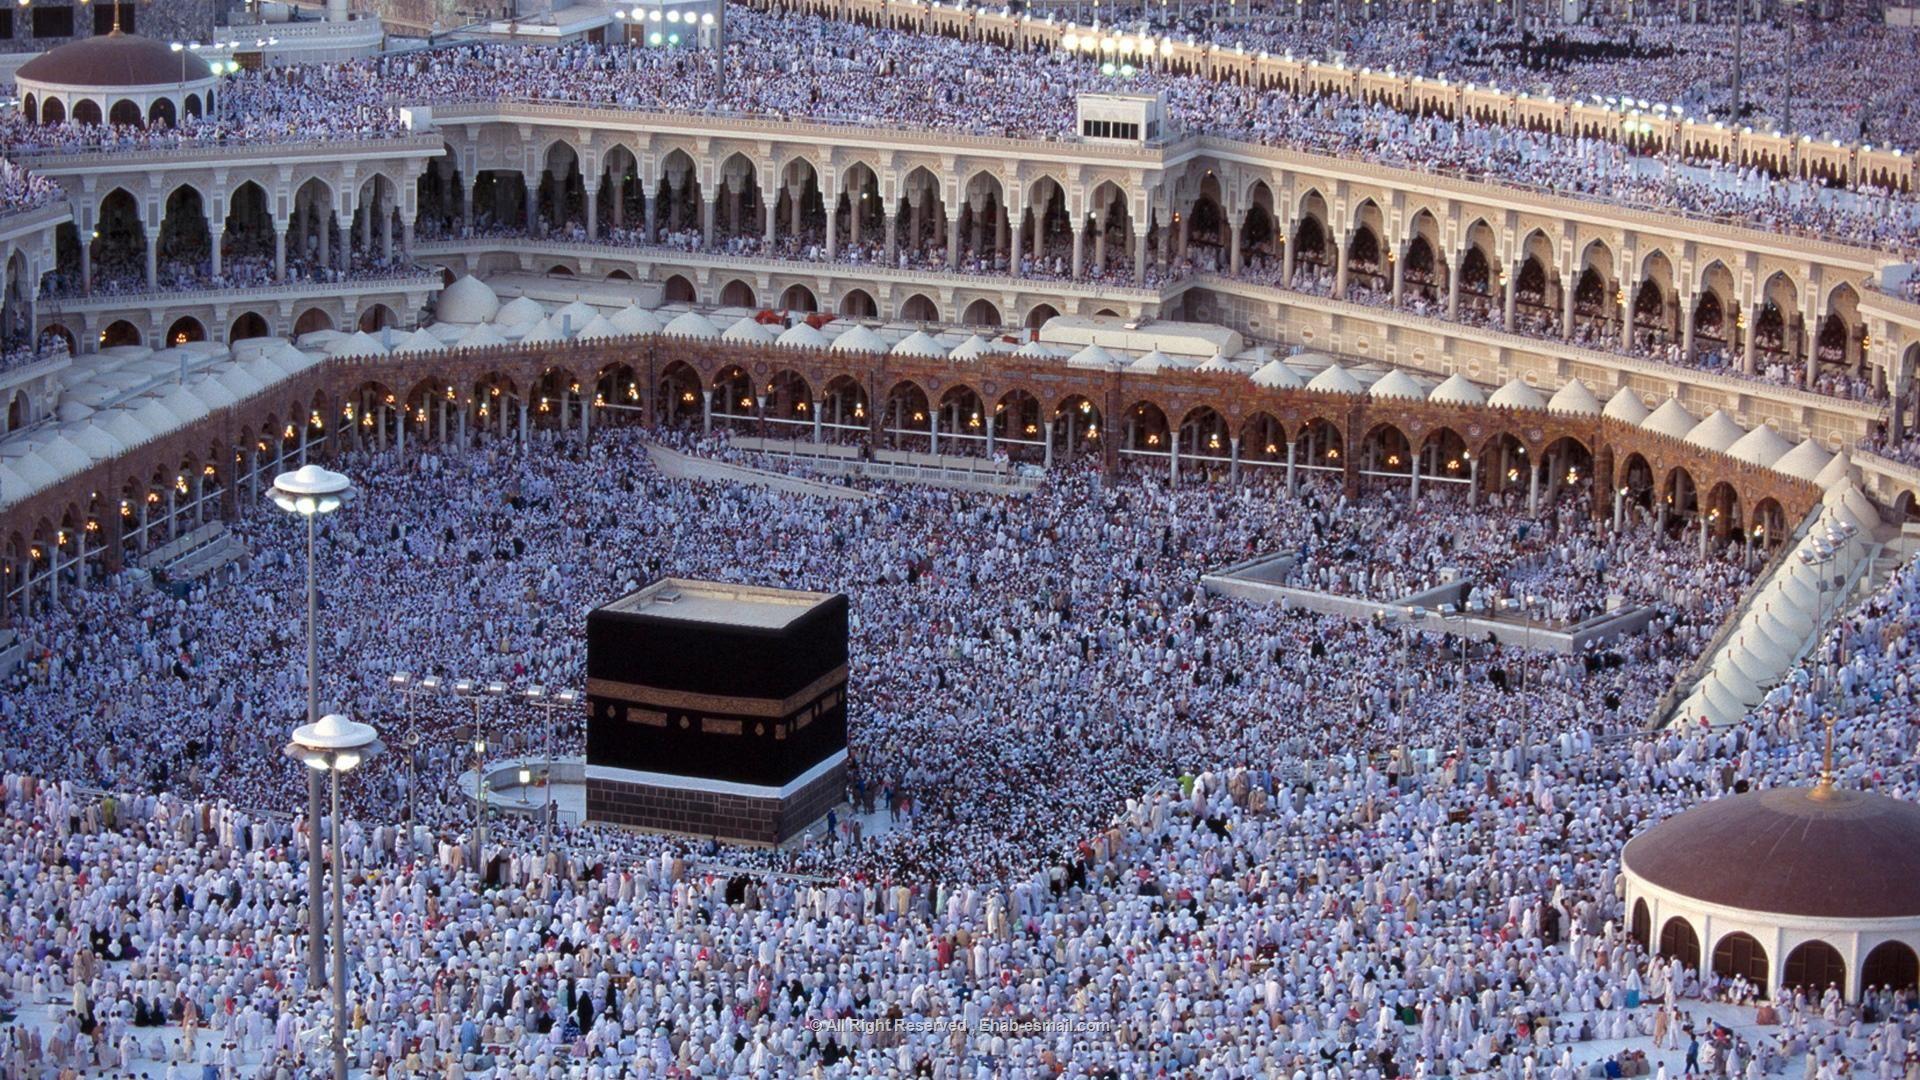 نتيجة بحث الصور عن الحج Hd Mecca Masjid Hajj Pilgrimage Grand Mosque